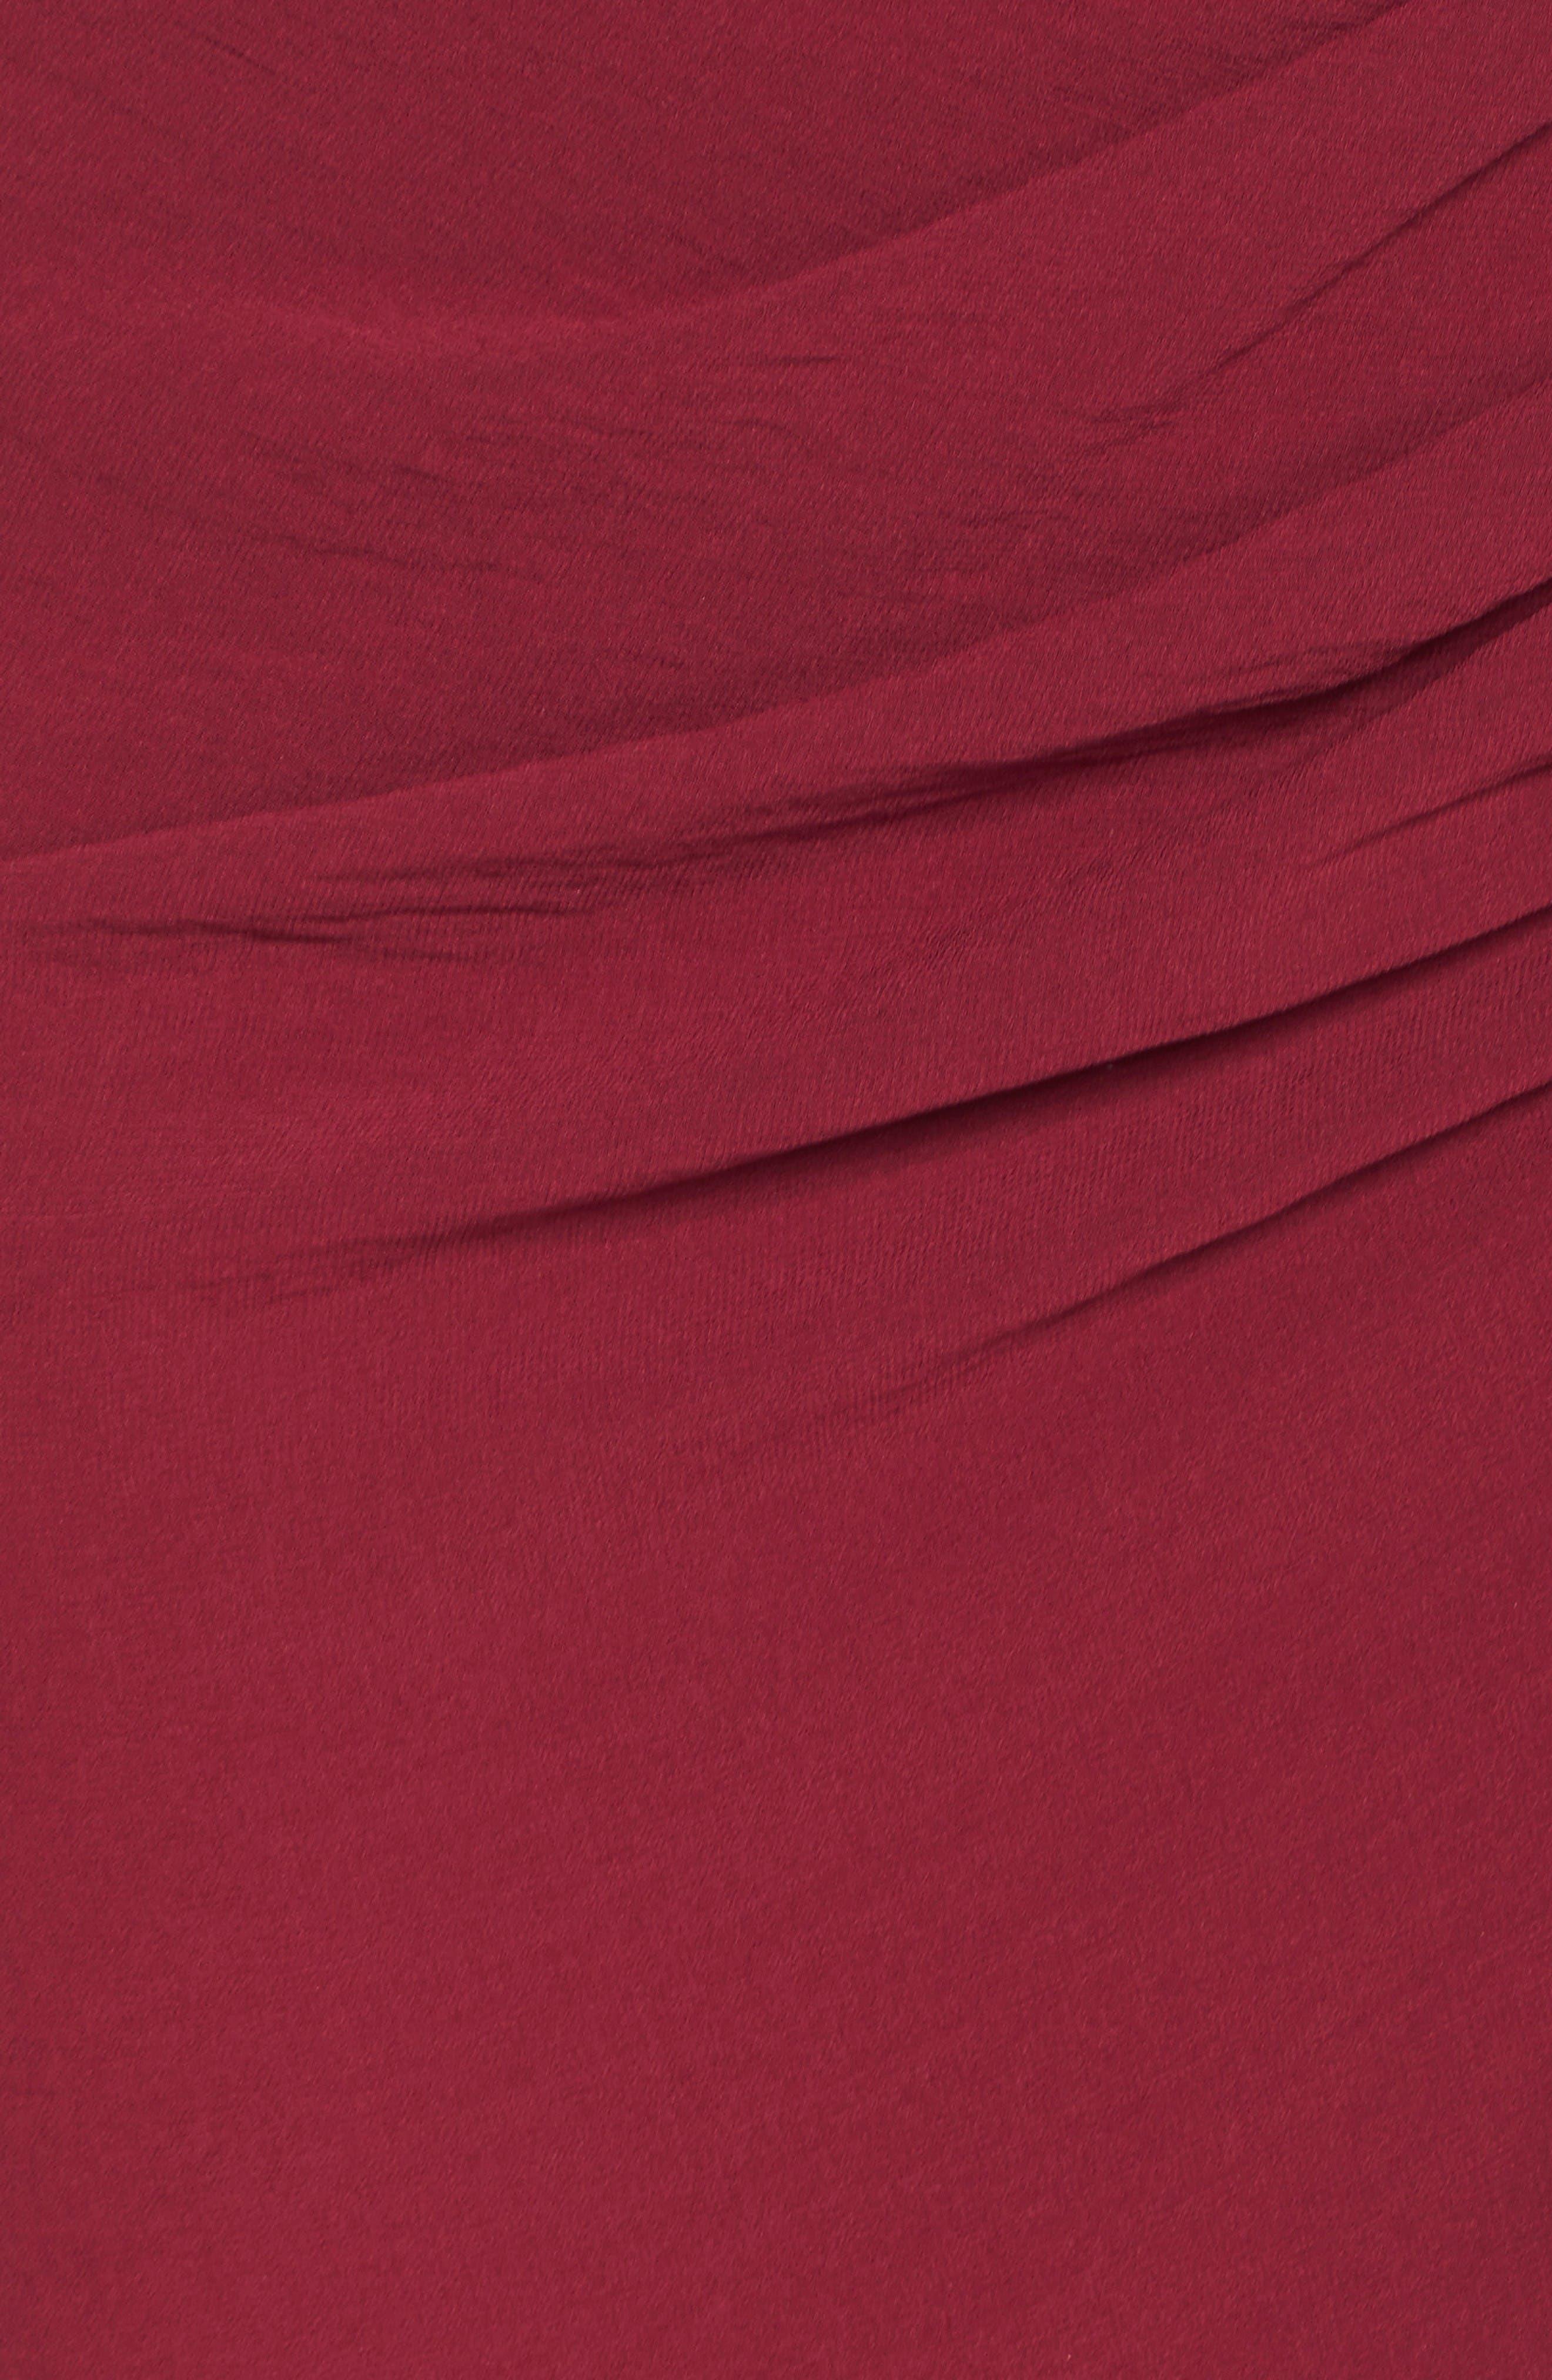 Wrap Front Chiffon Gown,                             Alternate thumbnail 7, color,                             Bordeaux